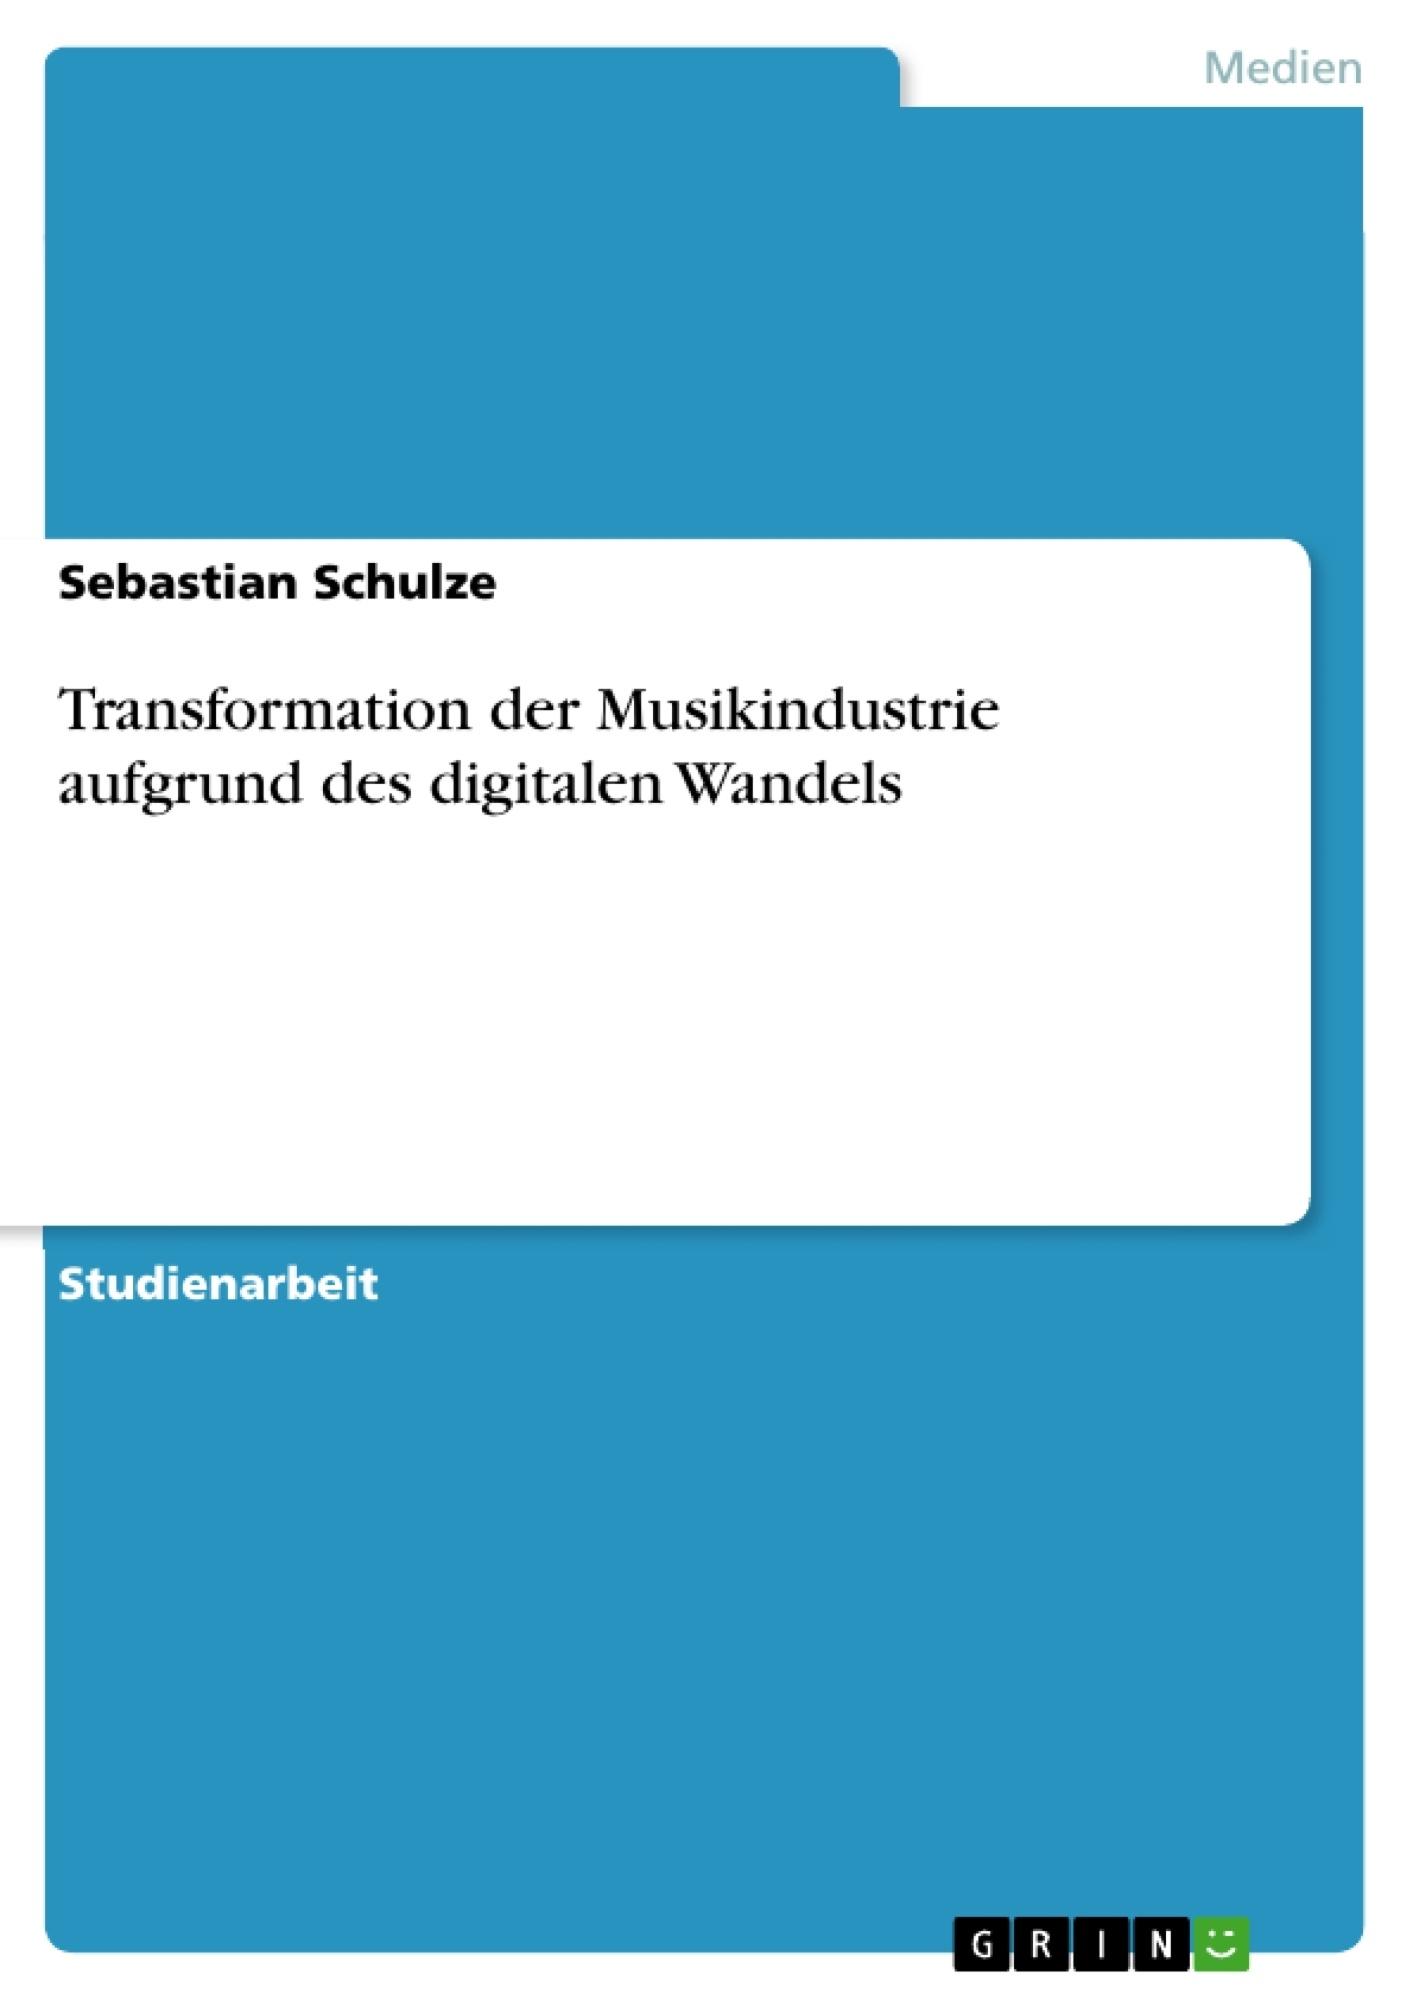 Titel: Transformation der Musikindustrie aufgrund des digitalen Wandels